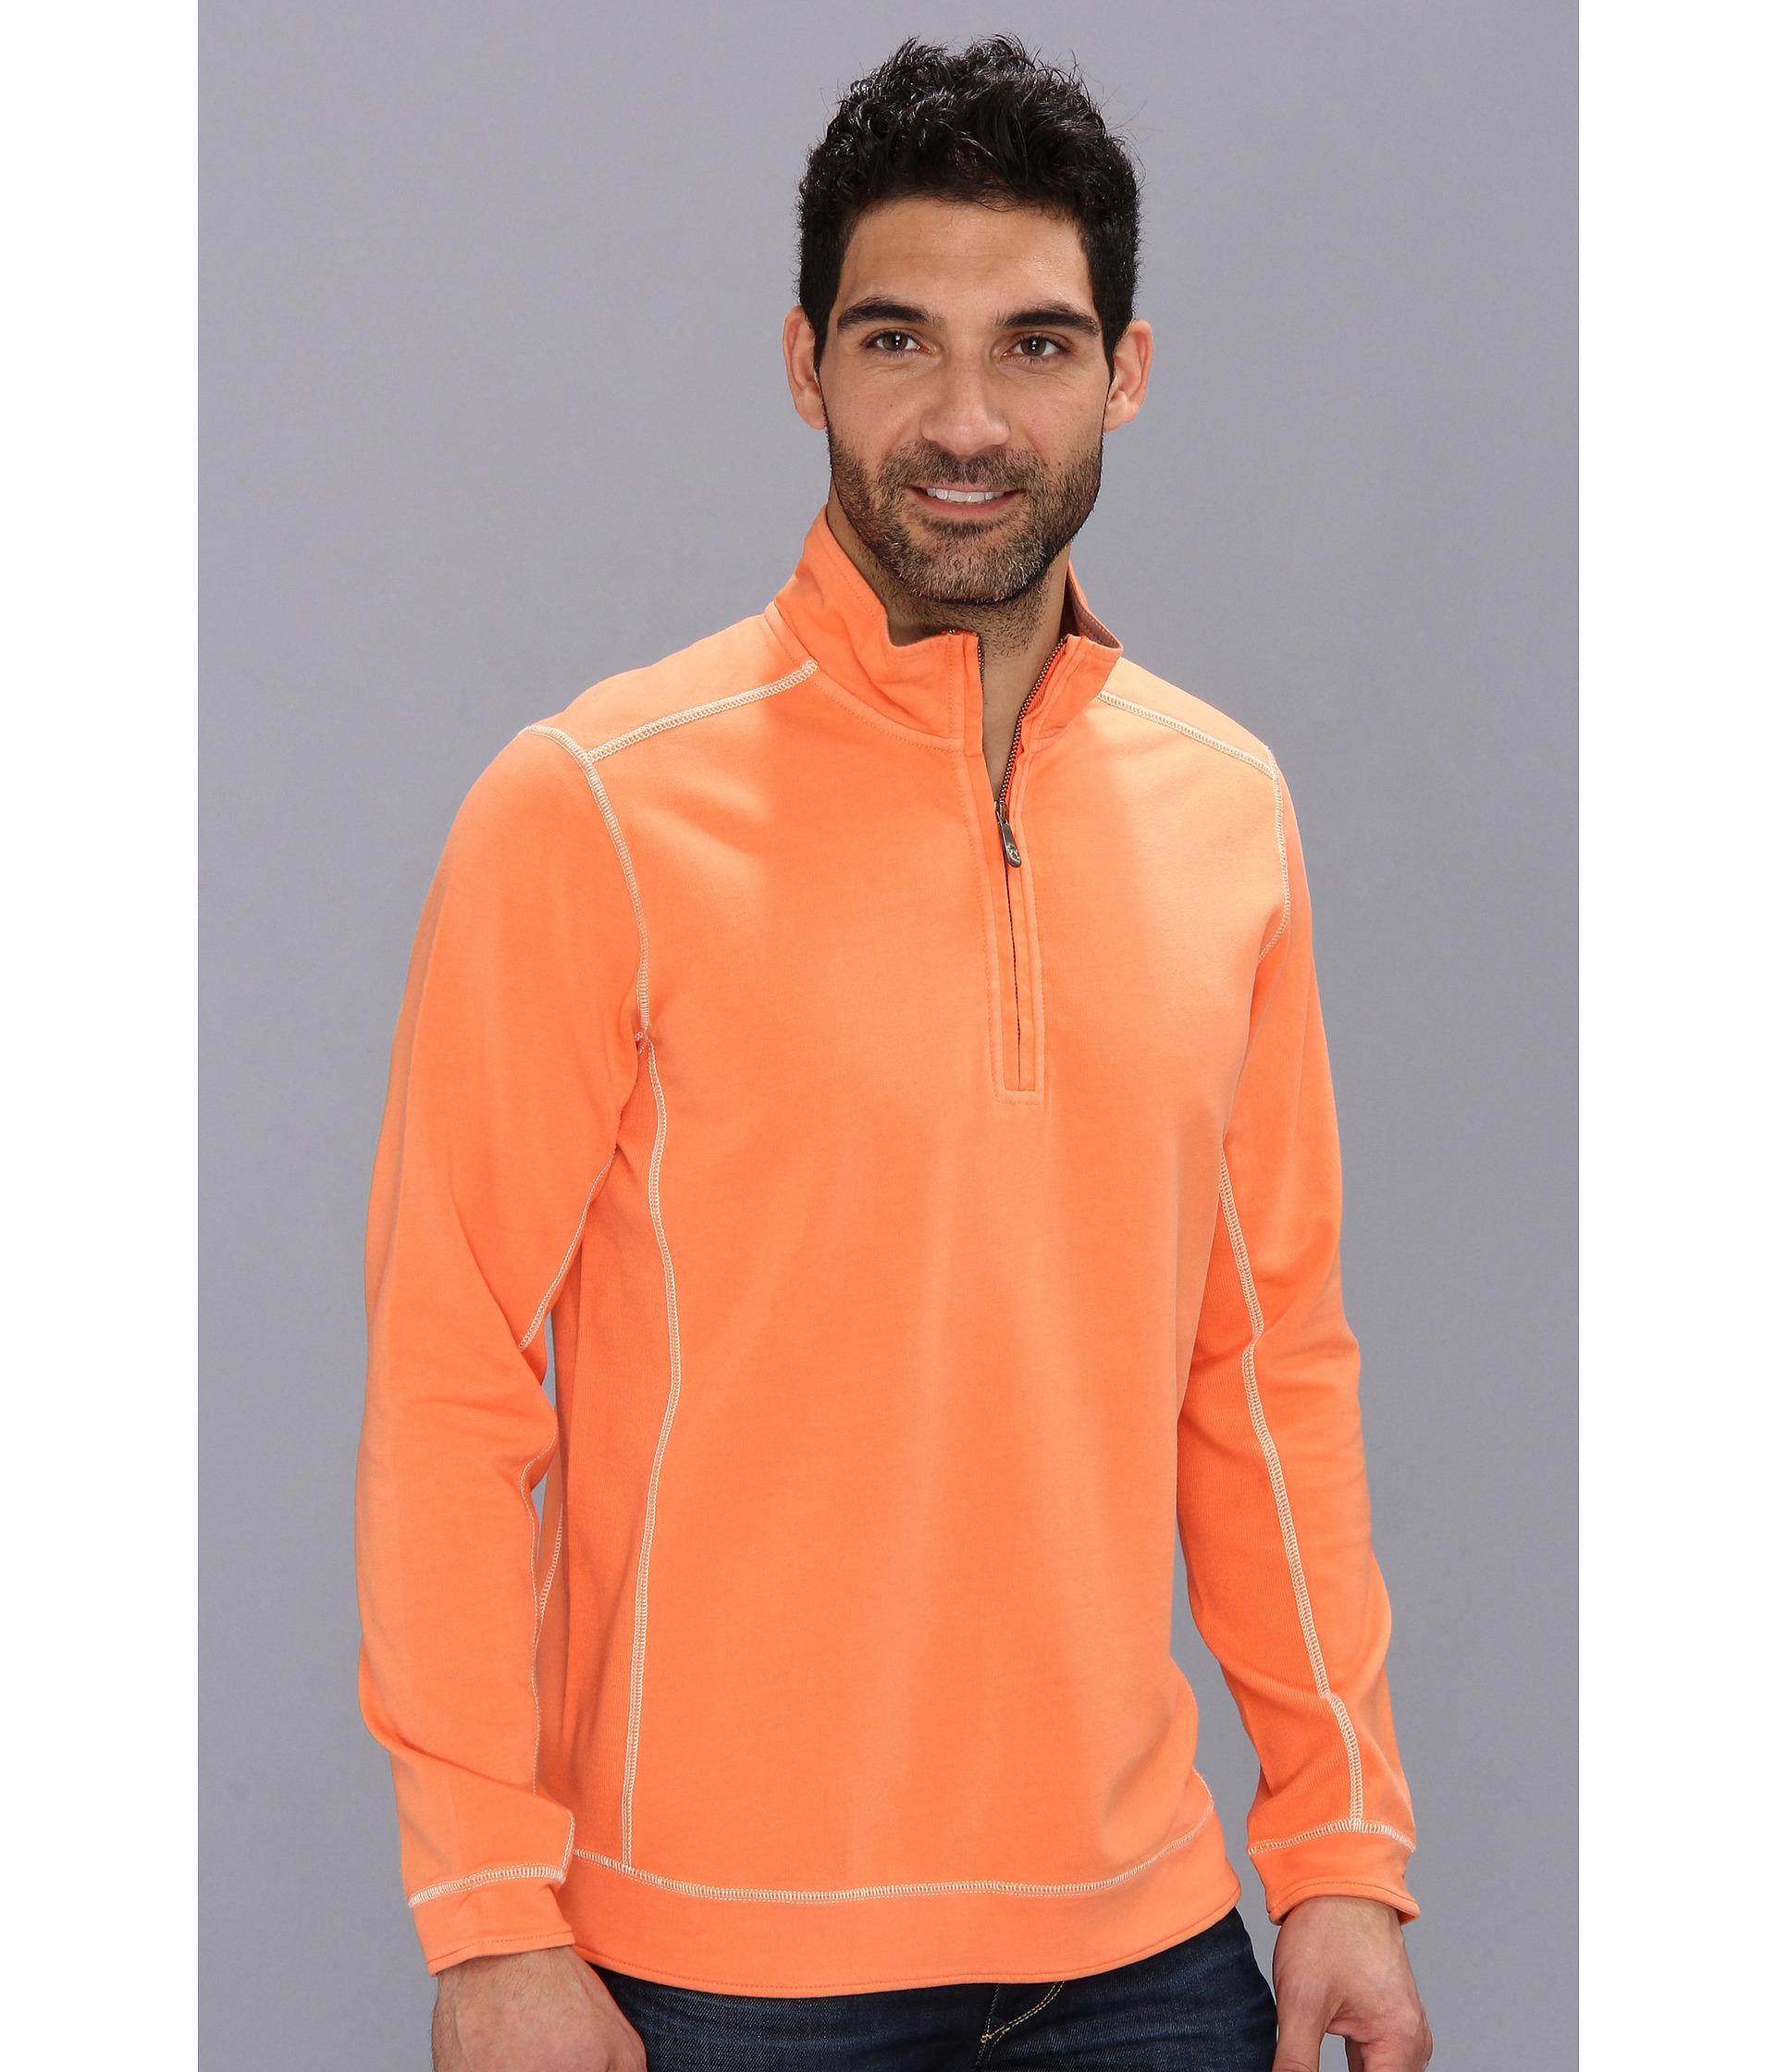 Tommy Bahama Ben And Terry Halfzip Sweatshirt In Orange